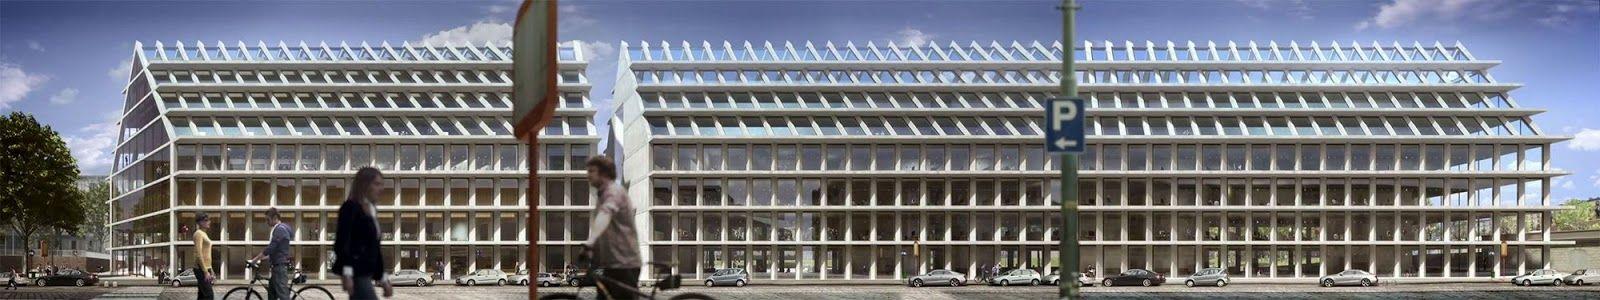 A F A S I A Herzog De Meuron Facade Architecture Herzog